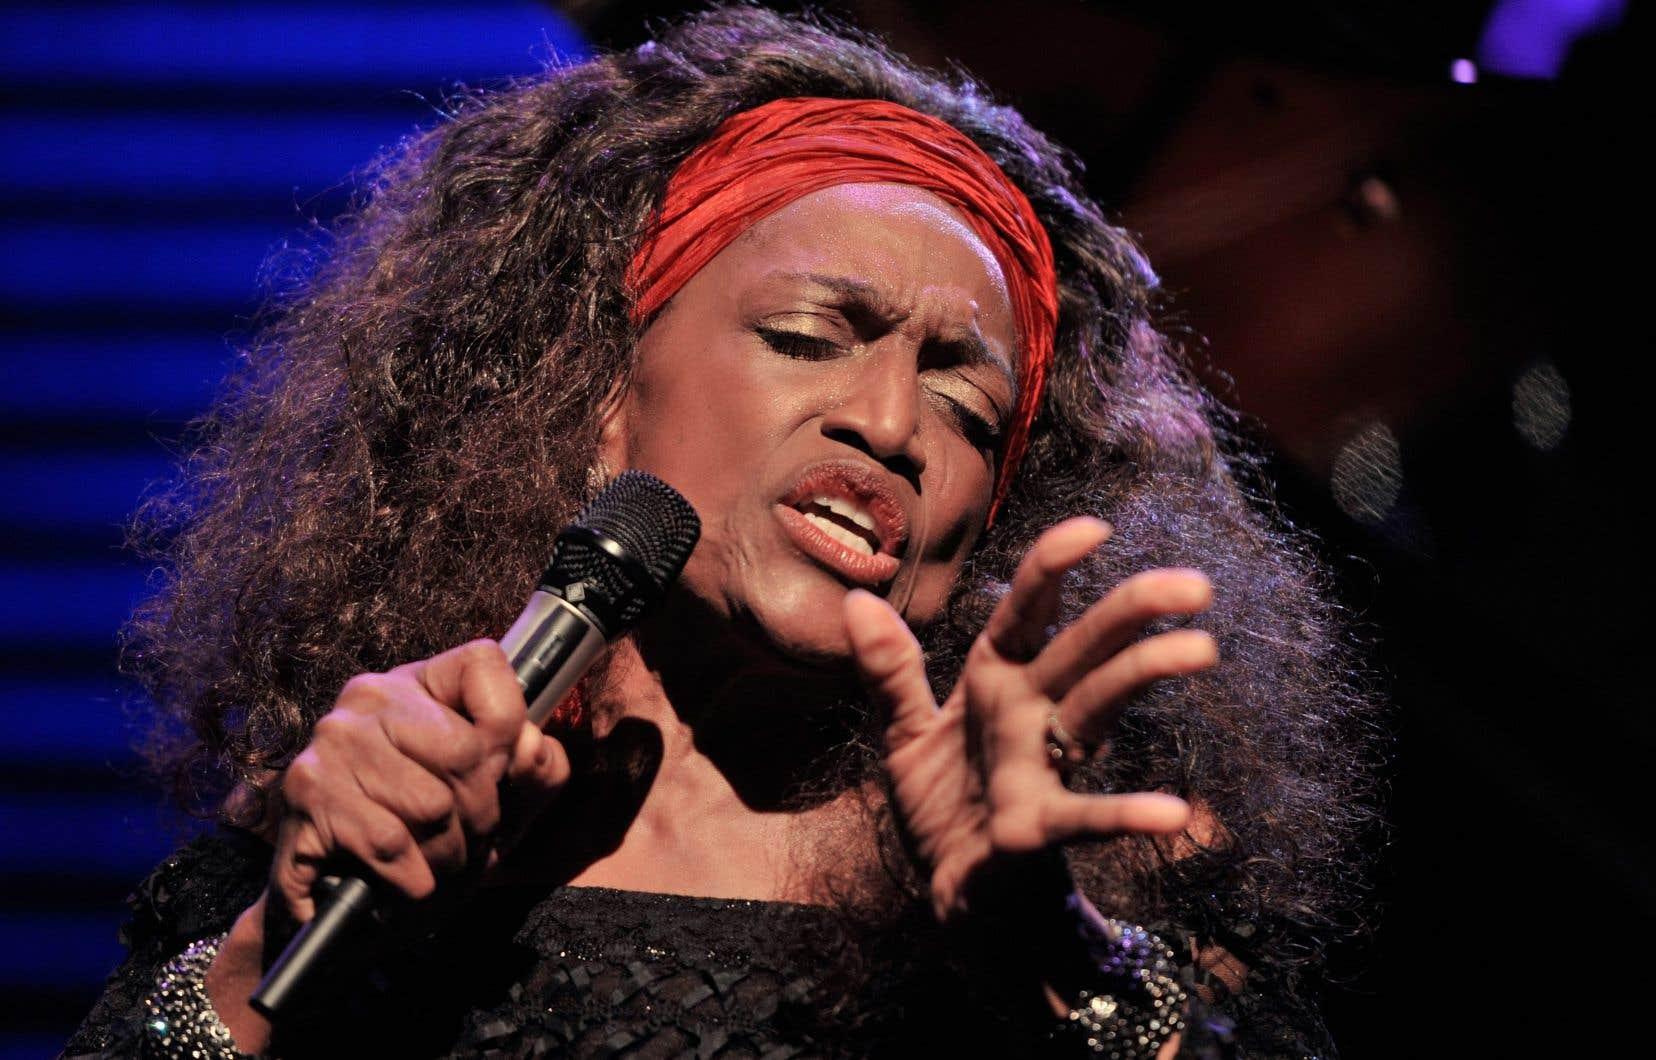 Femme de convictions, la chanteuse a fondé dans sa ville natale la Jessye Norman School of the Arts pour soutenir de jeunes artistes socialement défavorisés.